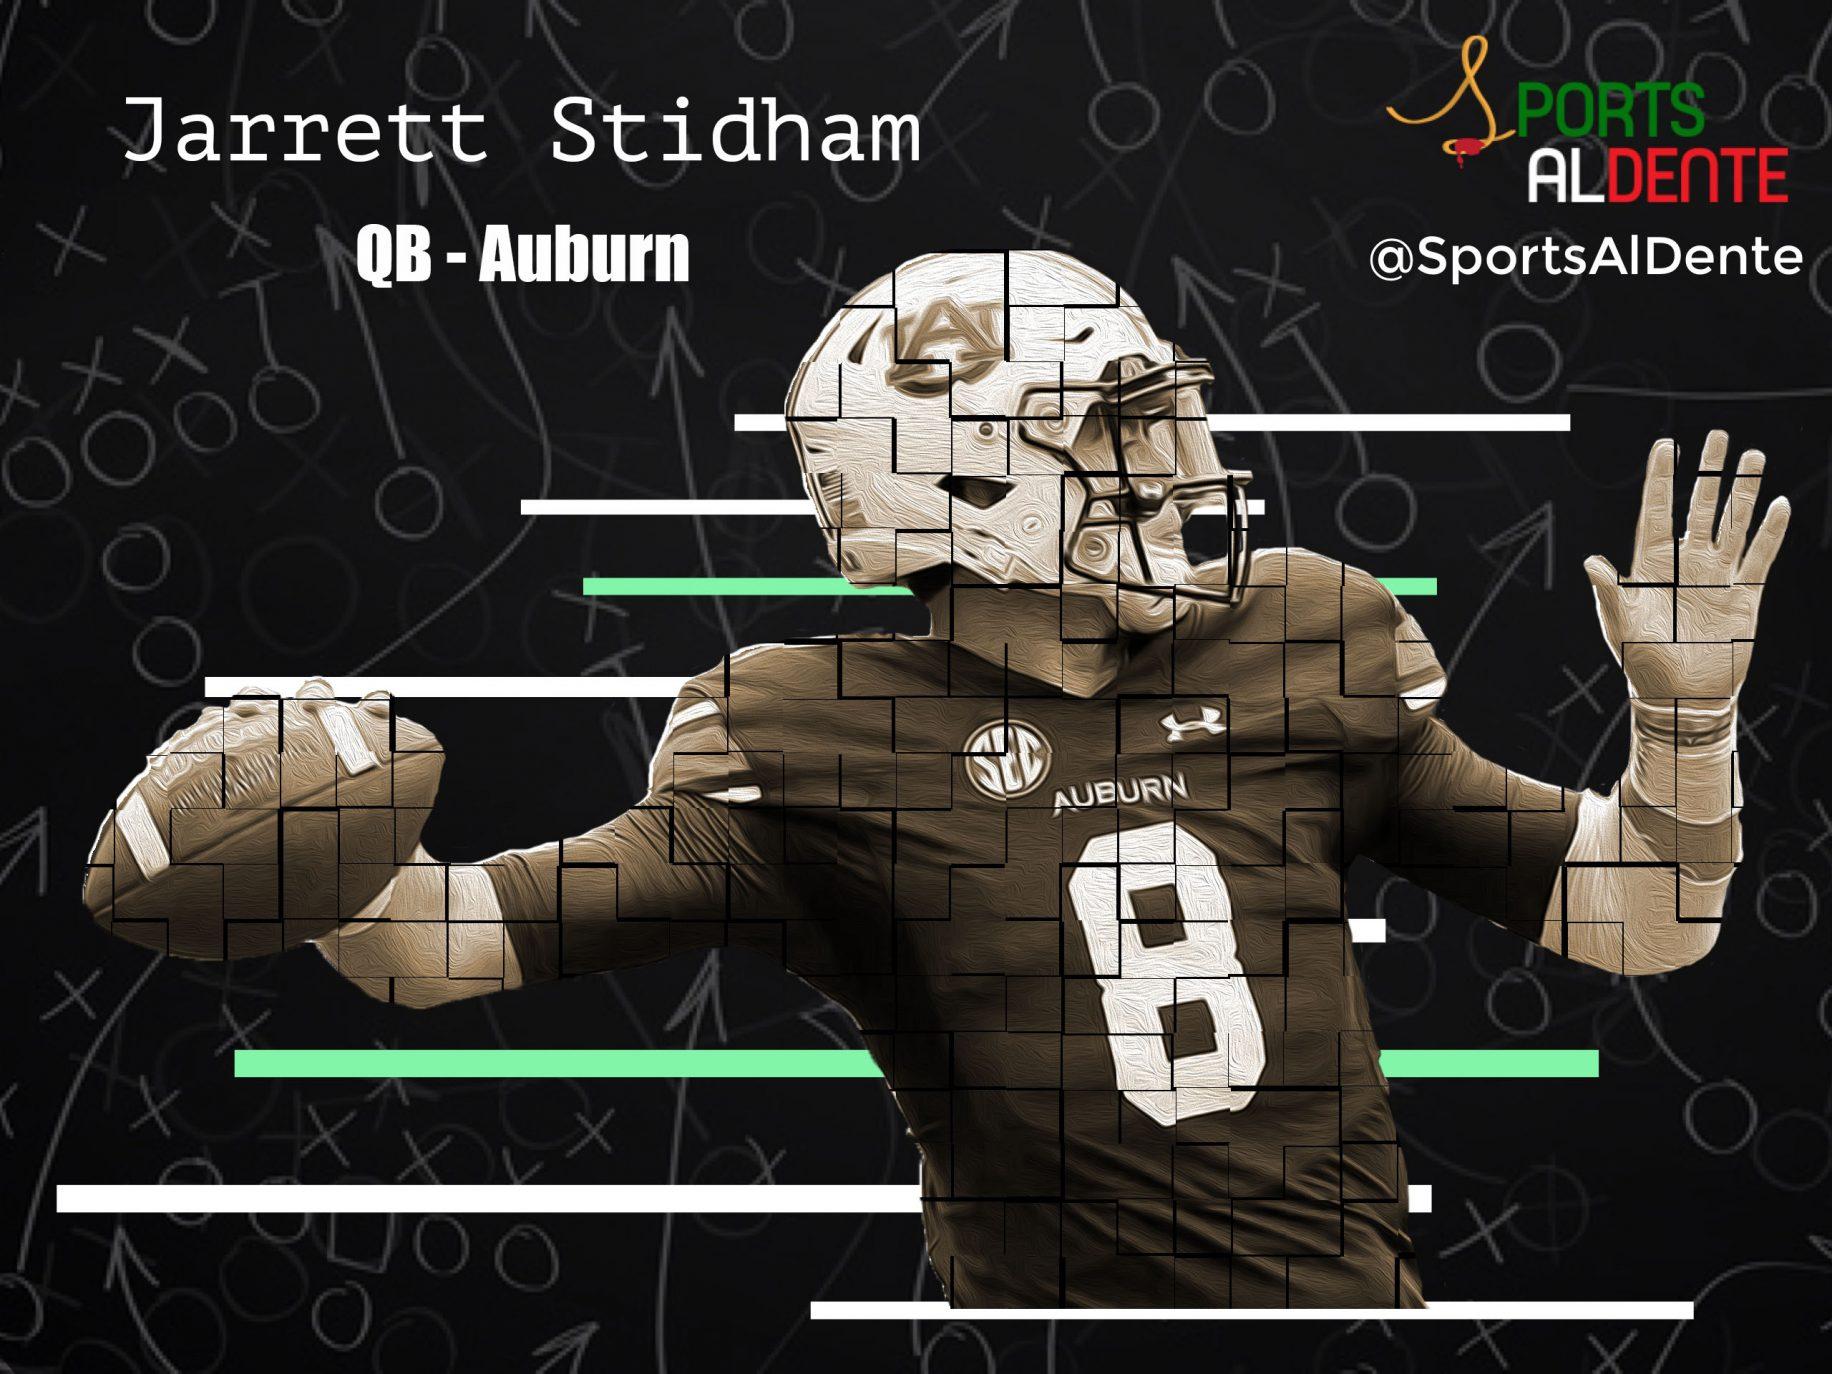 Jarrett Stidham NFL Draft Profile